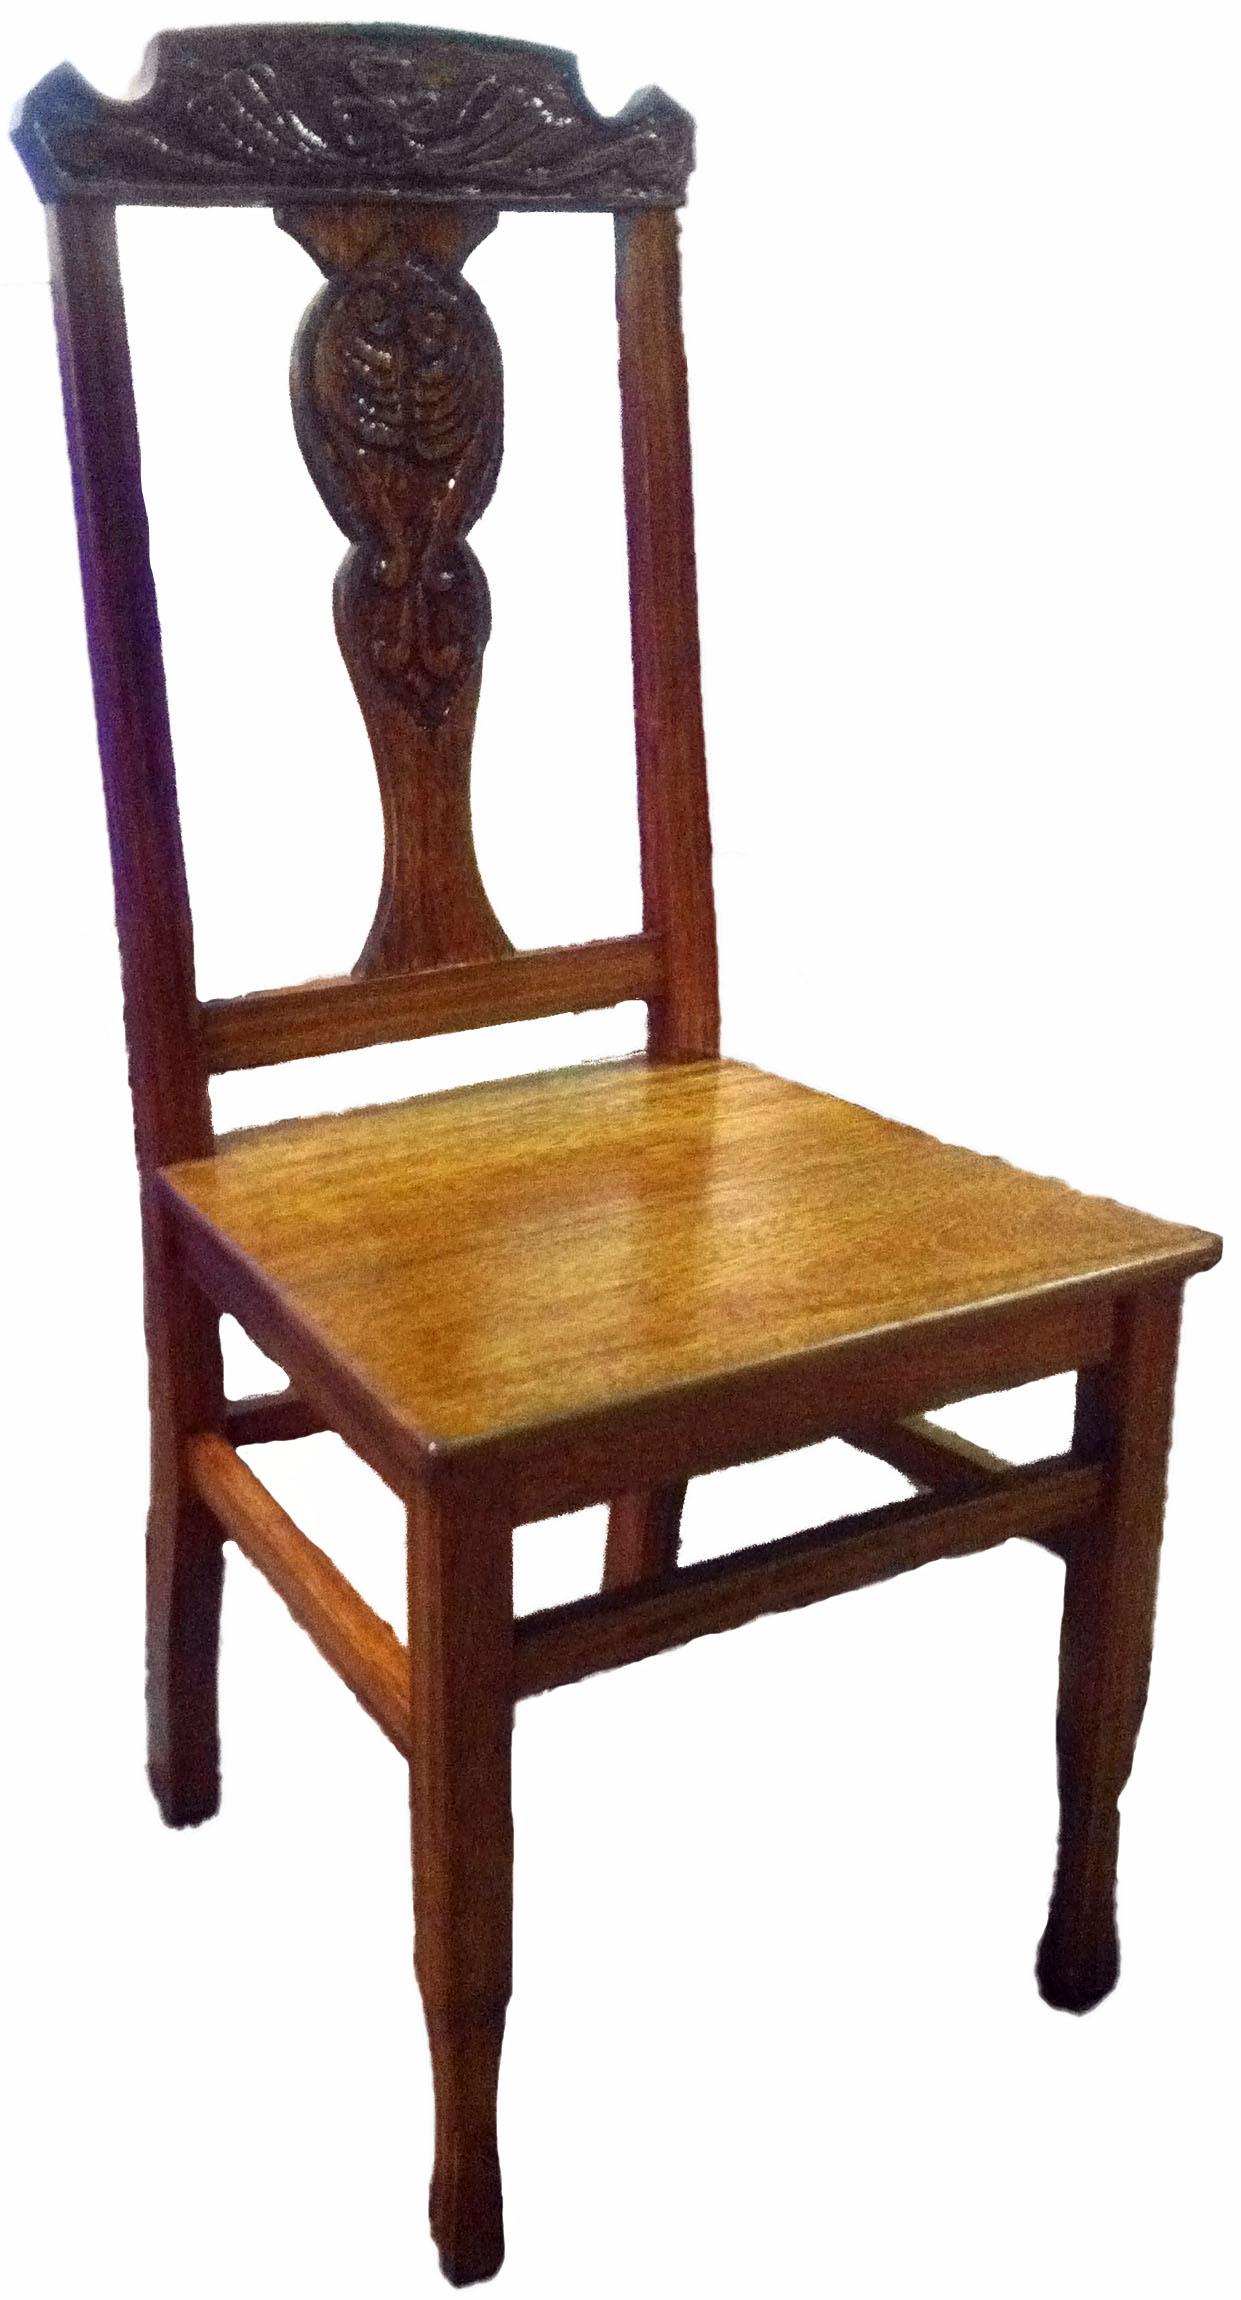 Sillas antiguas y modernas inicio for Modelos de muebles de madera